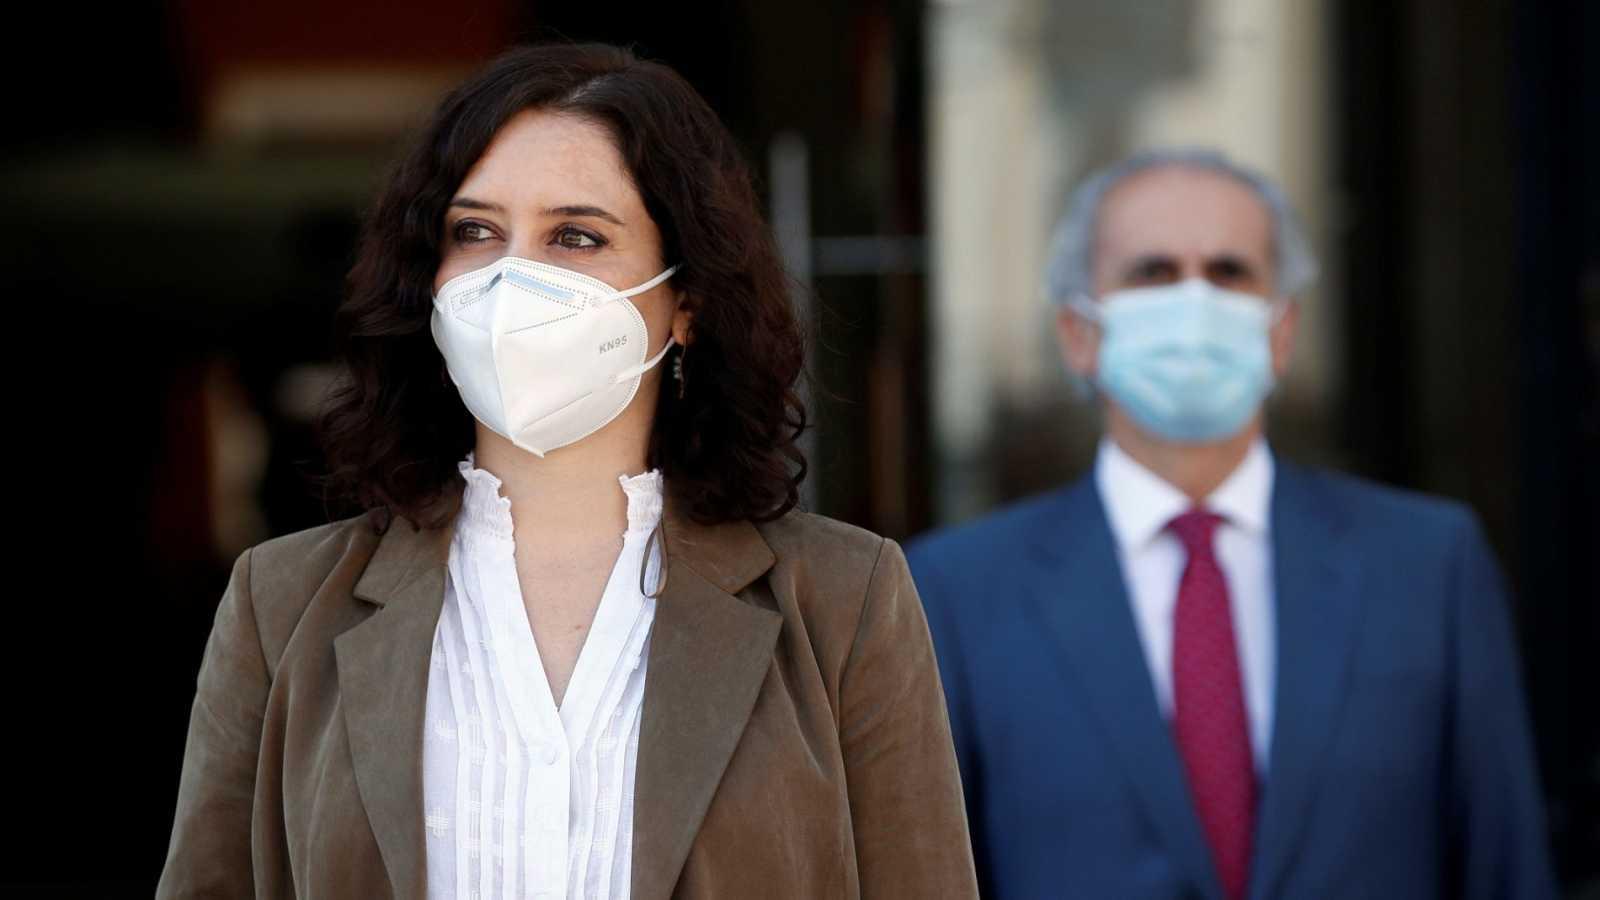 Familiares de fallecidos en residencias de Madrid se querellan contra Ayuso por homicidio imprudente